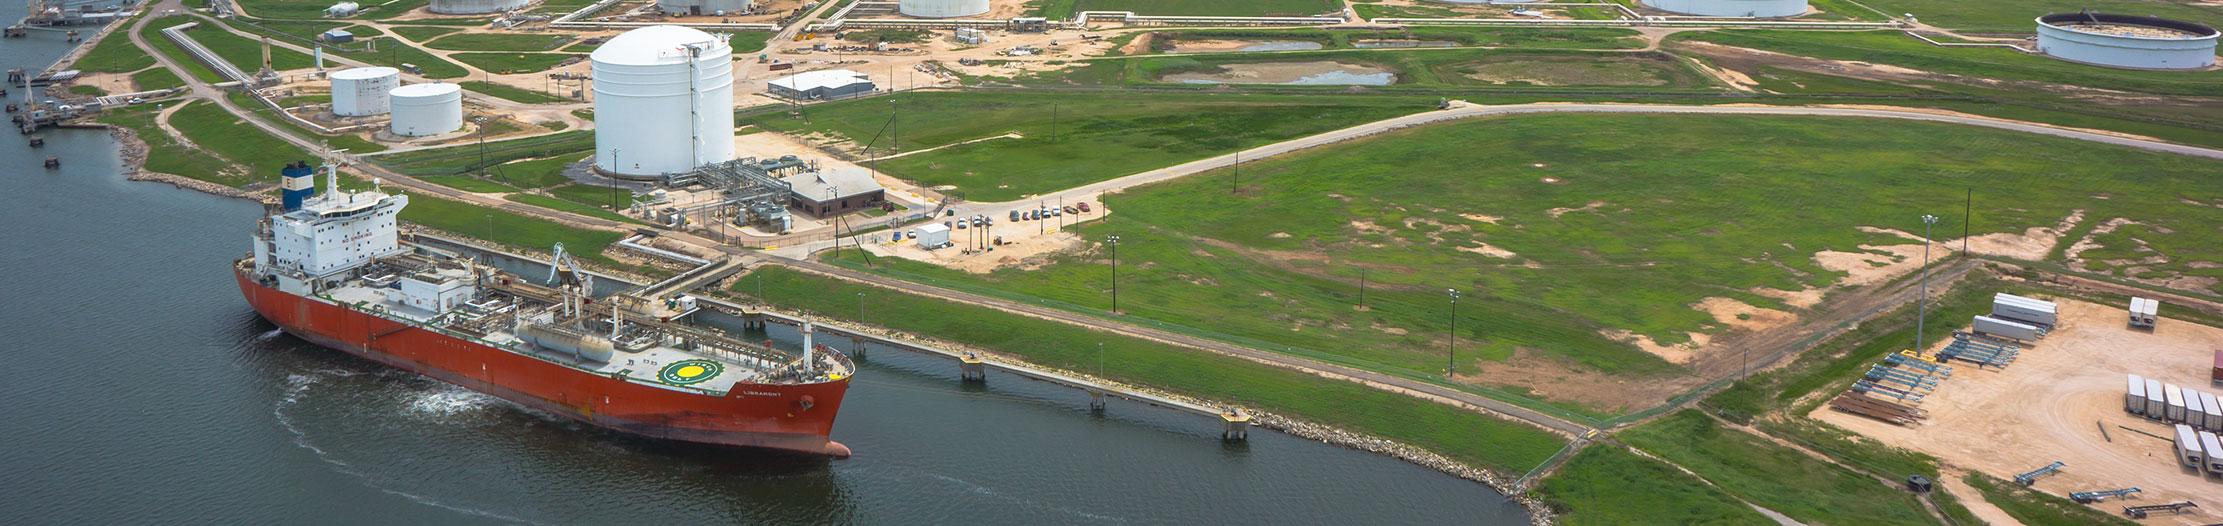 port_freeport_economic_impact.jpg